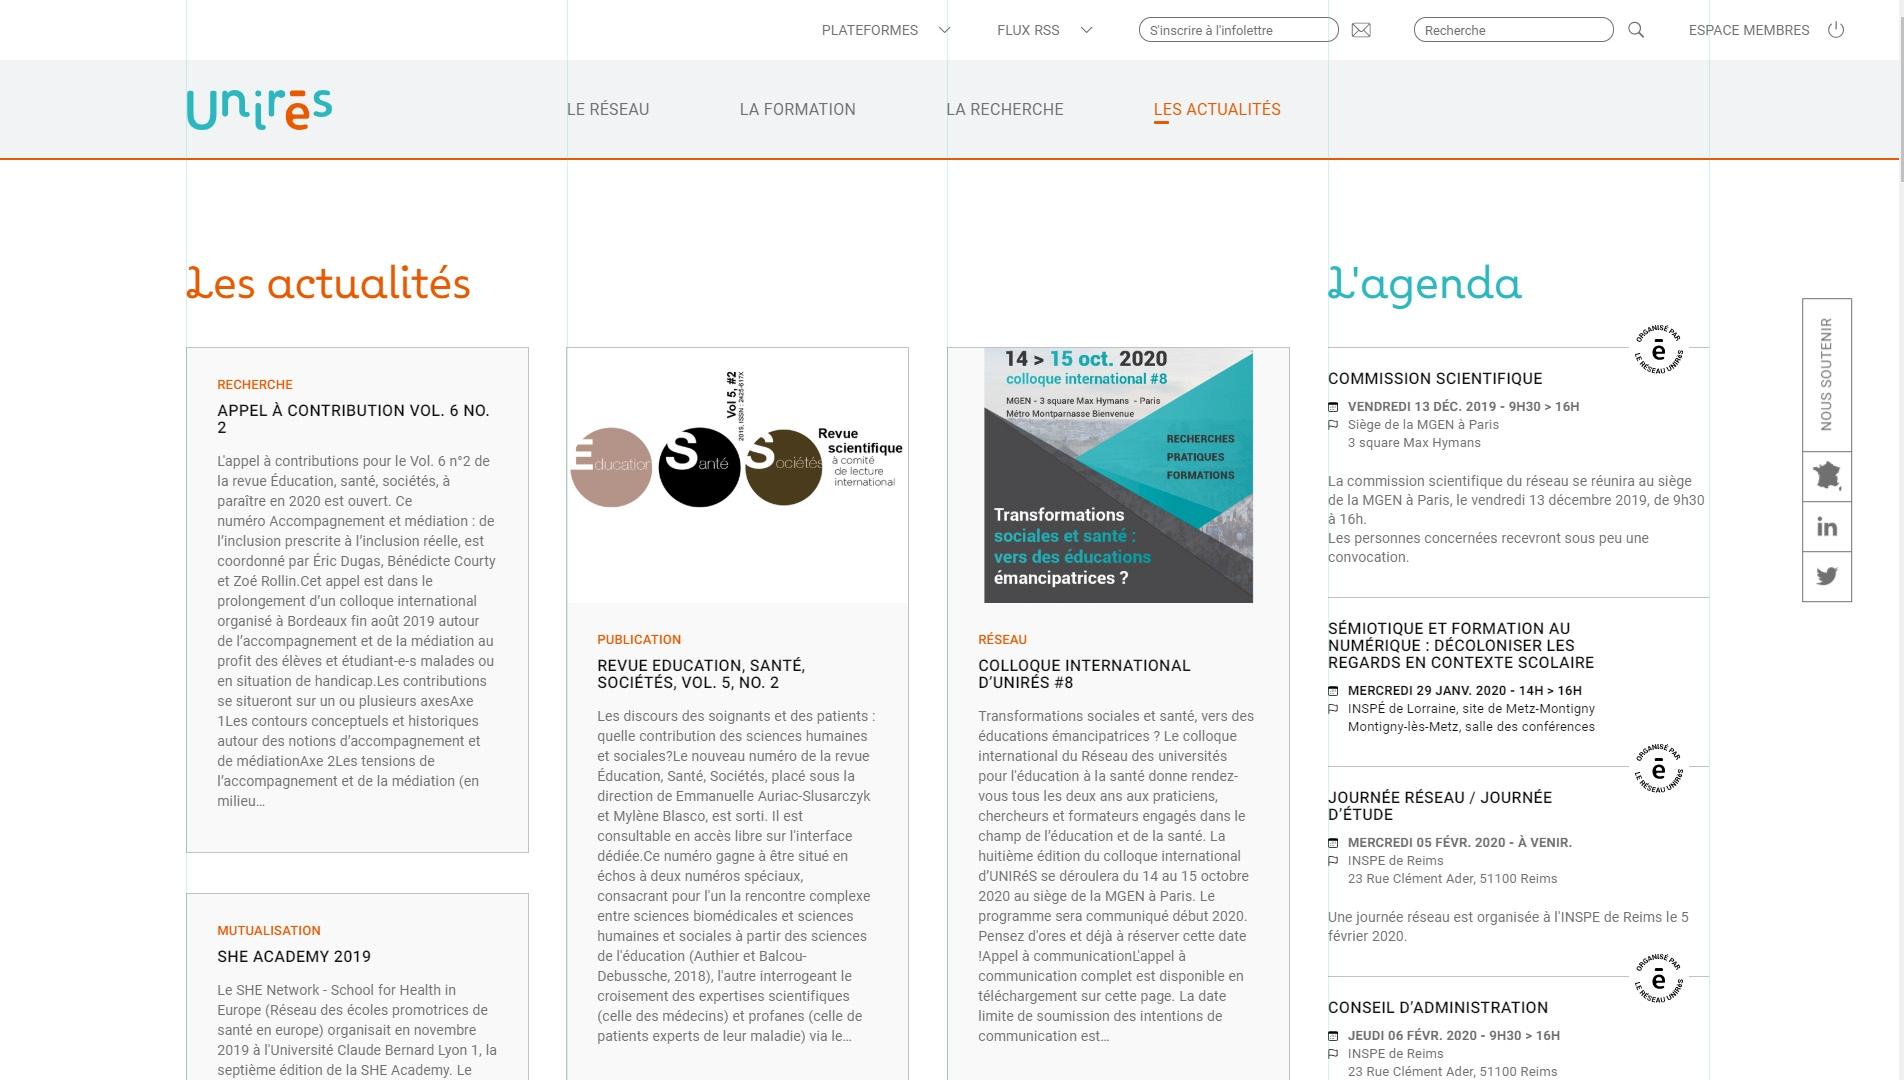 integration site unires edusante kalfeutre